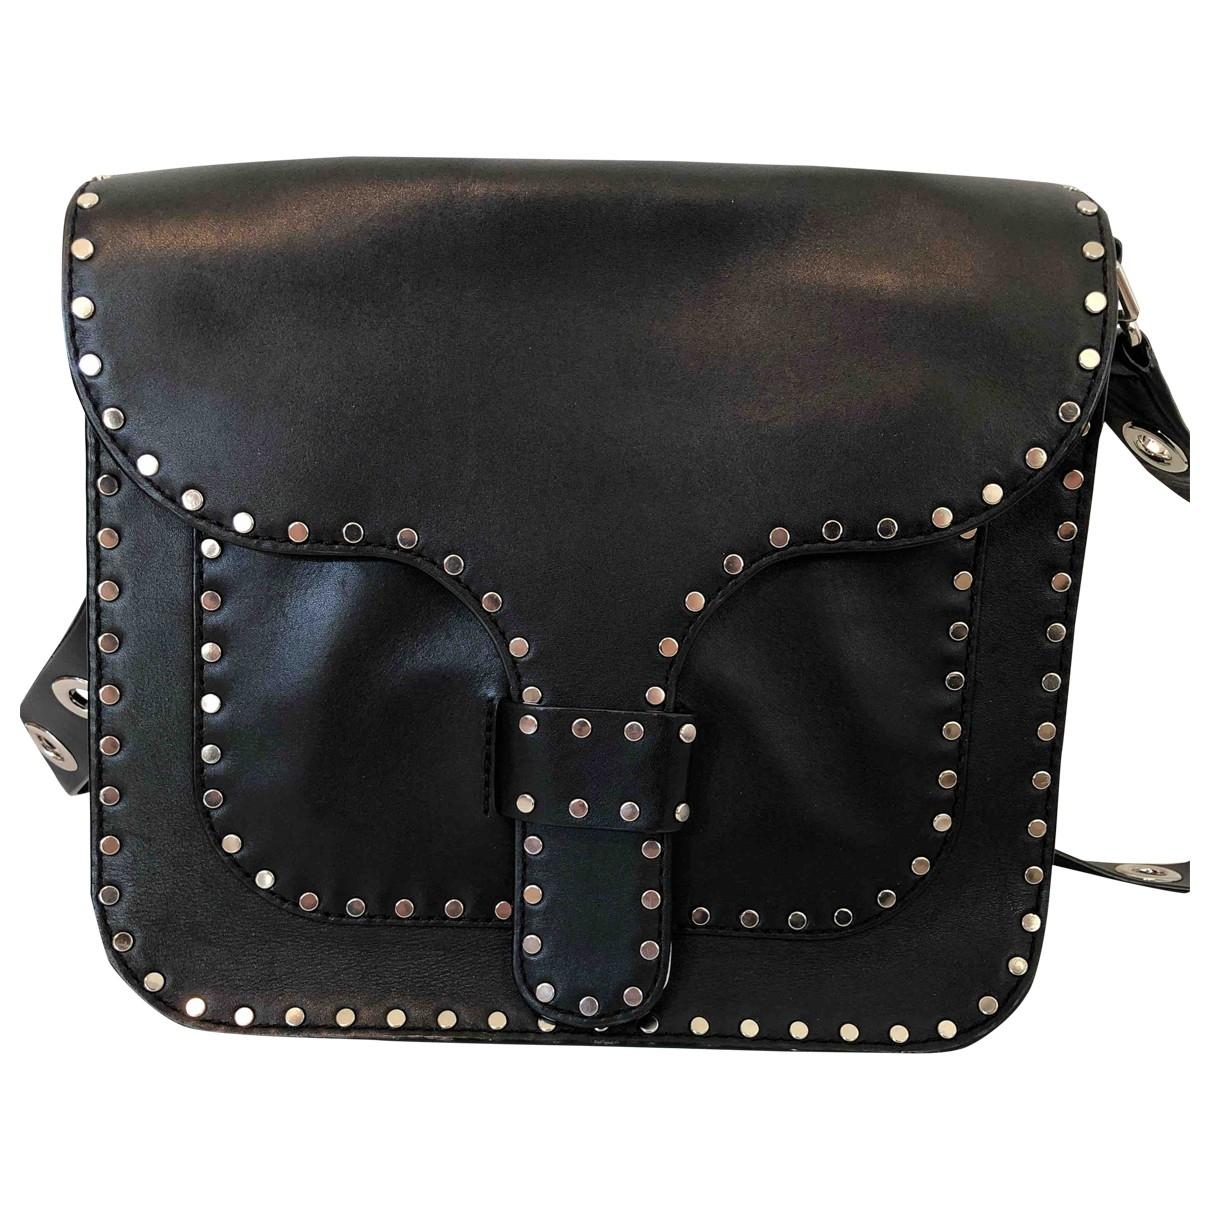 Rebecca Minkoff \N Black Leather handbag for Women \N